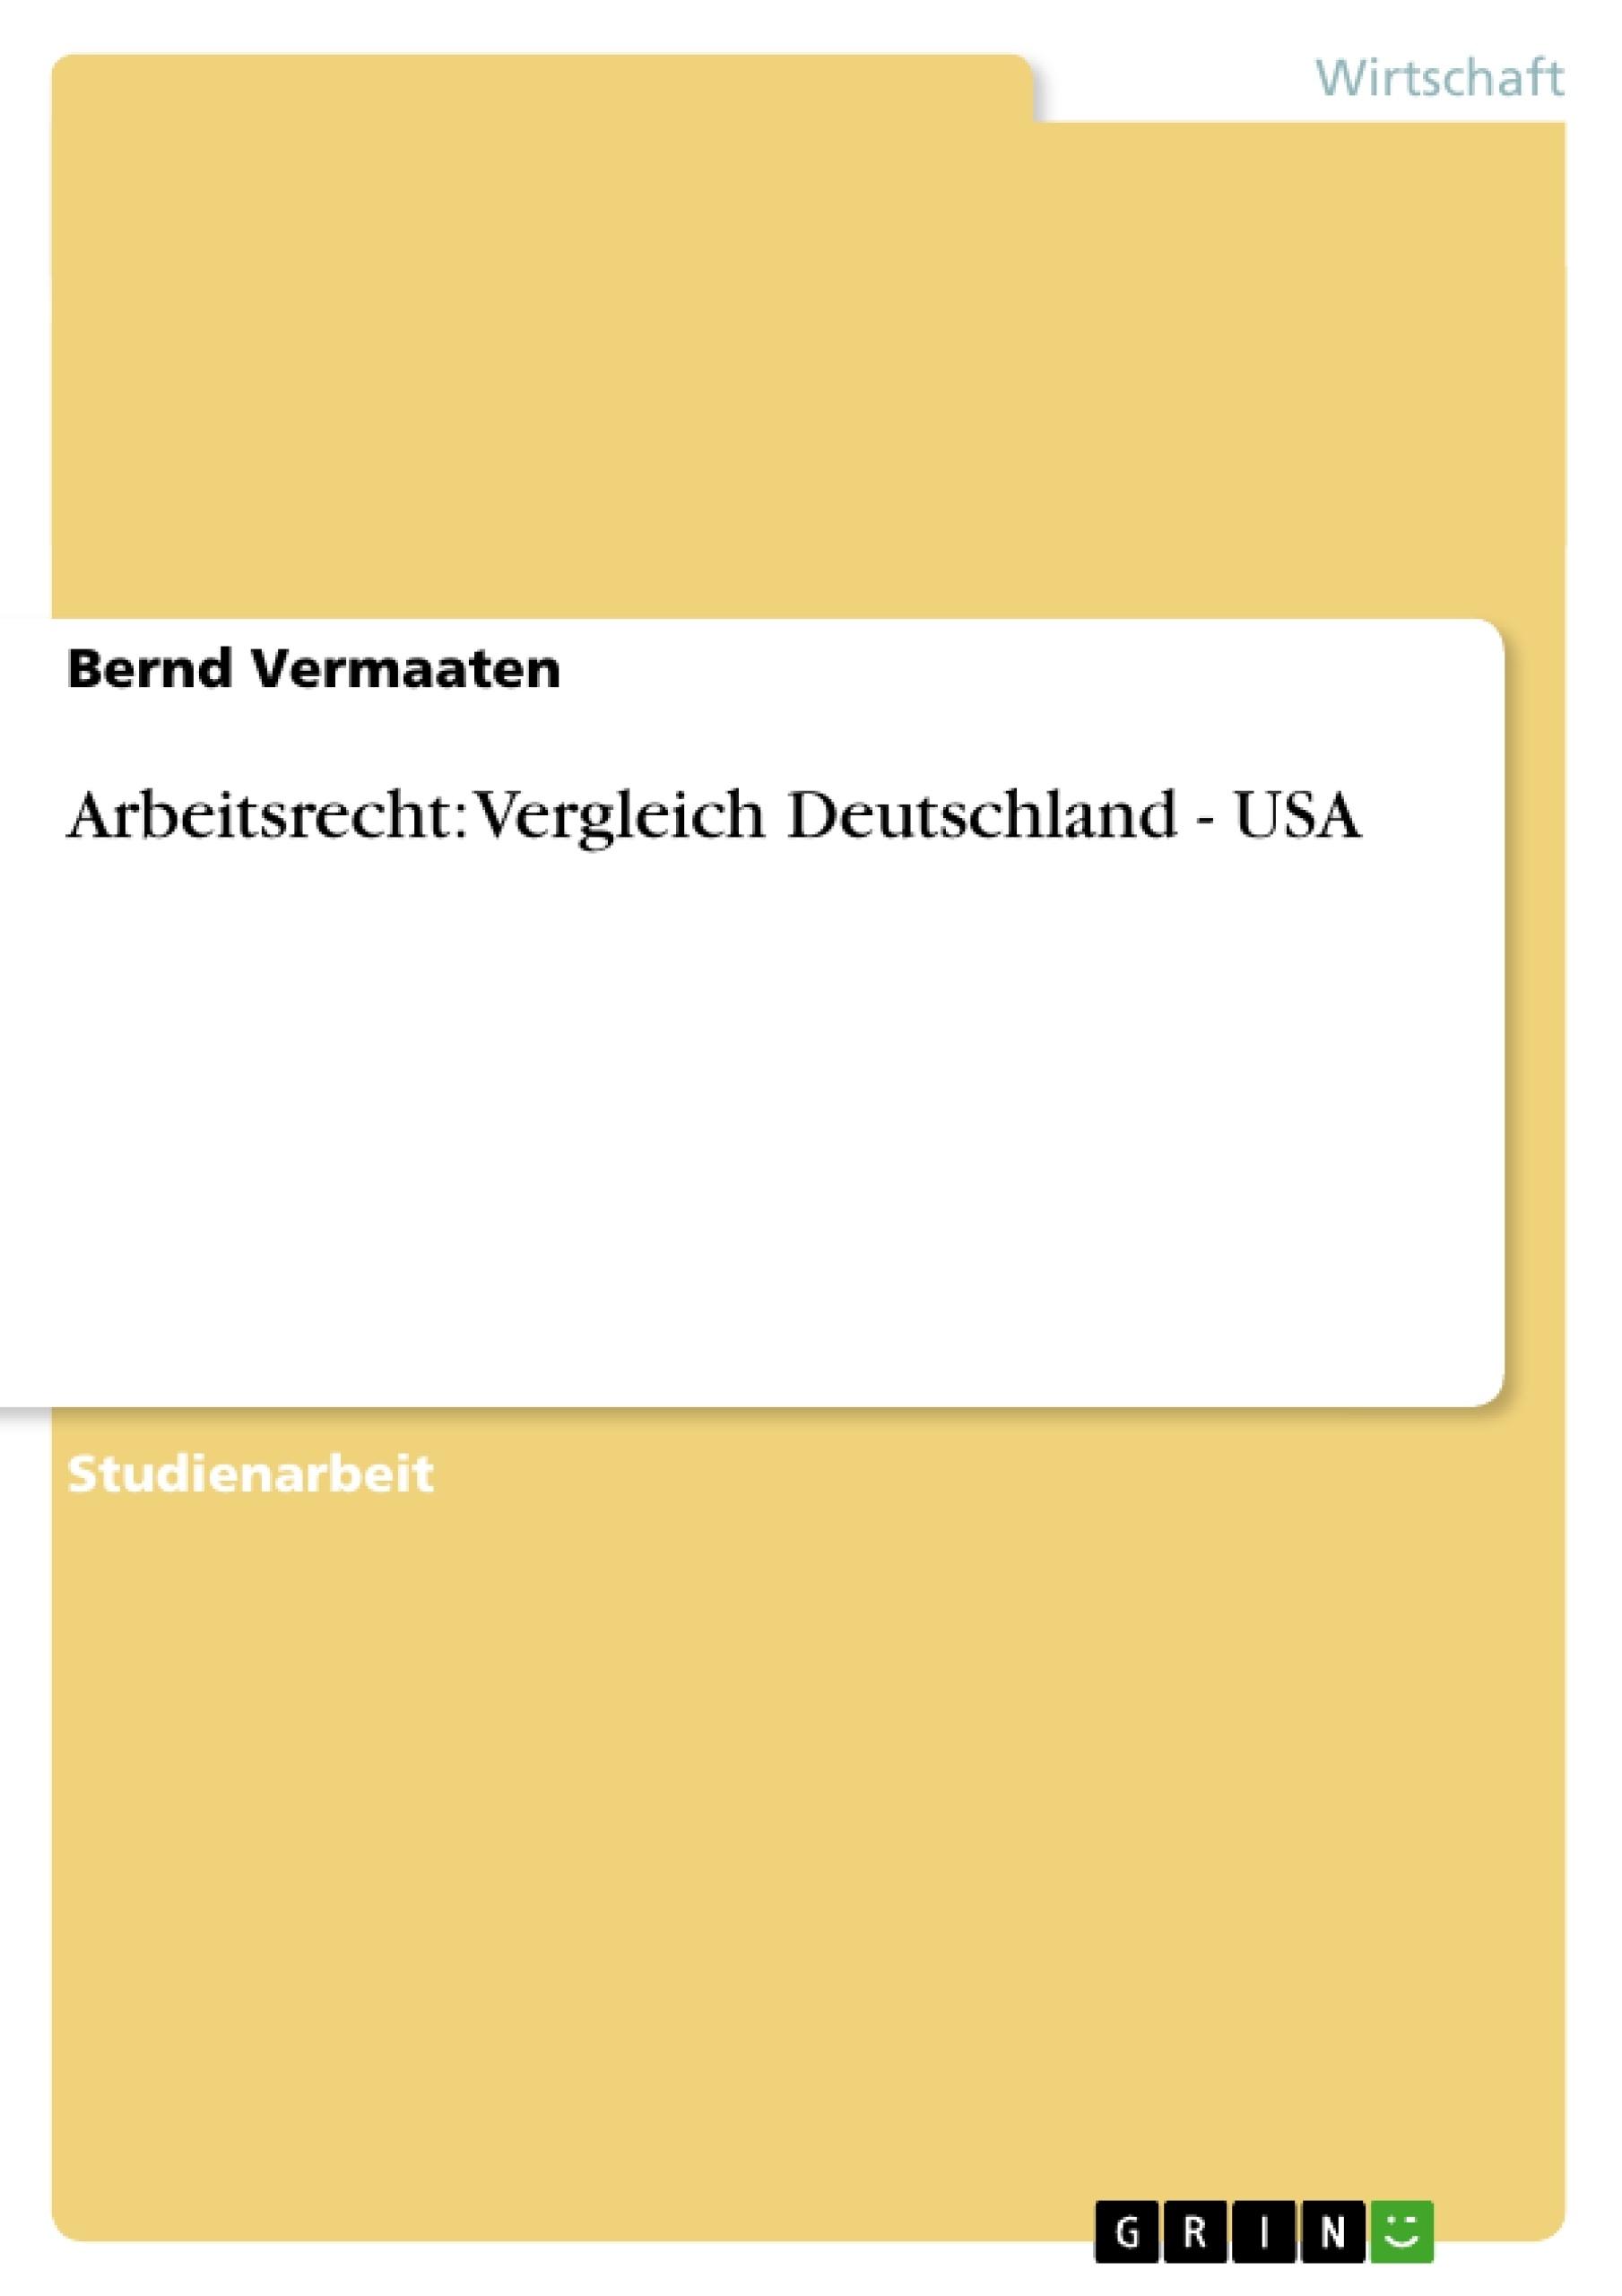 Titel: Arbeitsrecht: Vergleich Deutschland - USA